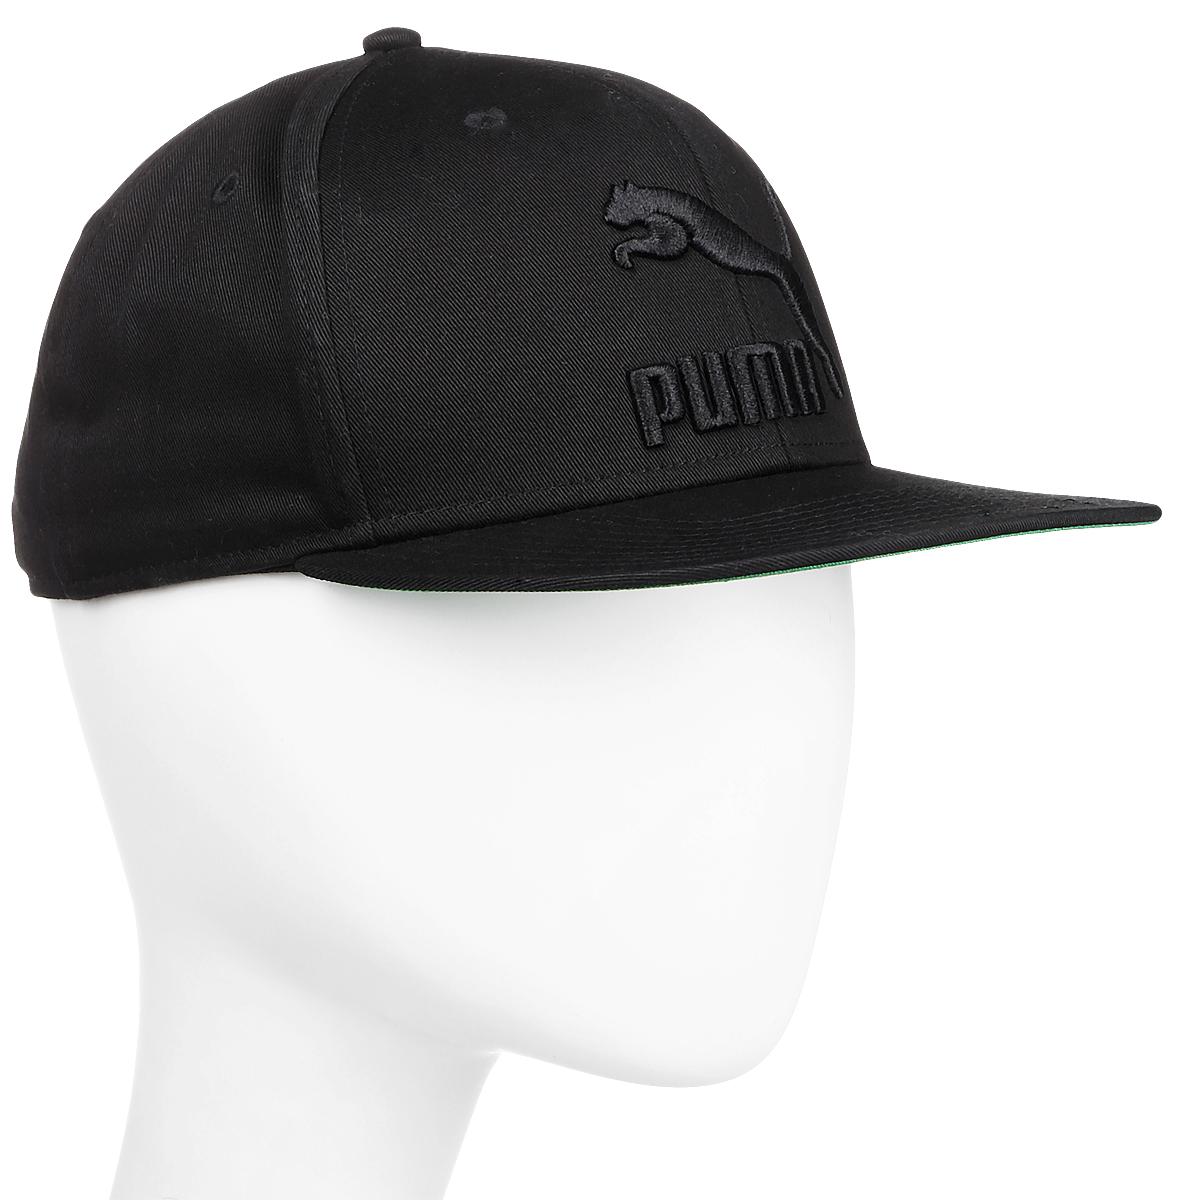 Бейсболка мужская Puma Ls Colourblock Snapback, цвет: черный. 05294203. Размер универсальный052942_03Стильная бейсболка Puma LS ColourBlock SnapBack идеально подойдет для прогулок, занятий спортом и отдыха.Бейсболка выполнена из 100% хлопка, снабжена впитывающей внутренней отделкой и имеет плотный плоский козырек. Модель дополнена специальными отверстиями, обеспечивающими необходимую вентиляцию. Бейсболка на фронтальной части декорирована вышитым объемным логотипом PUMA, а застежка сзади имеет тканый ярлык с символикой PUMA. Объем бейсболки регулируется при помощи пластиковой застежки на кнопках. Такая бейсболка станет отличным аксессуаром и дополнит ваш повседневный образ.